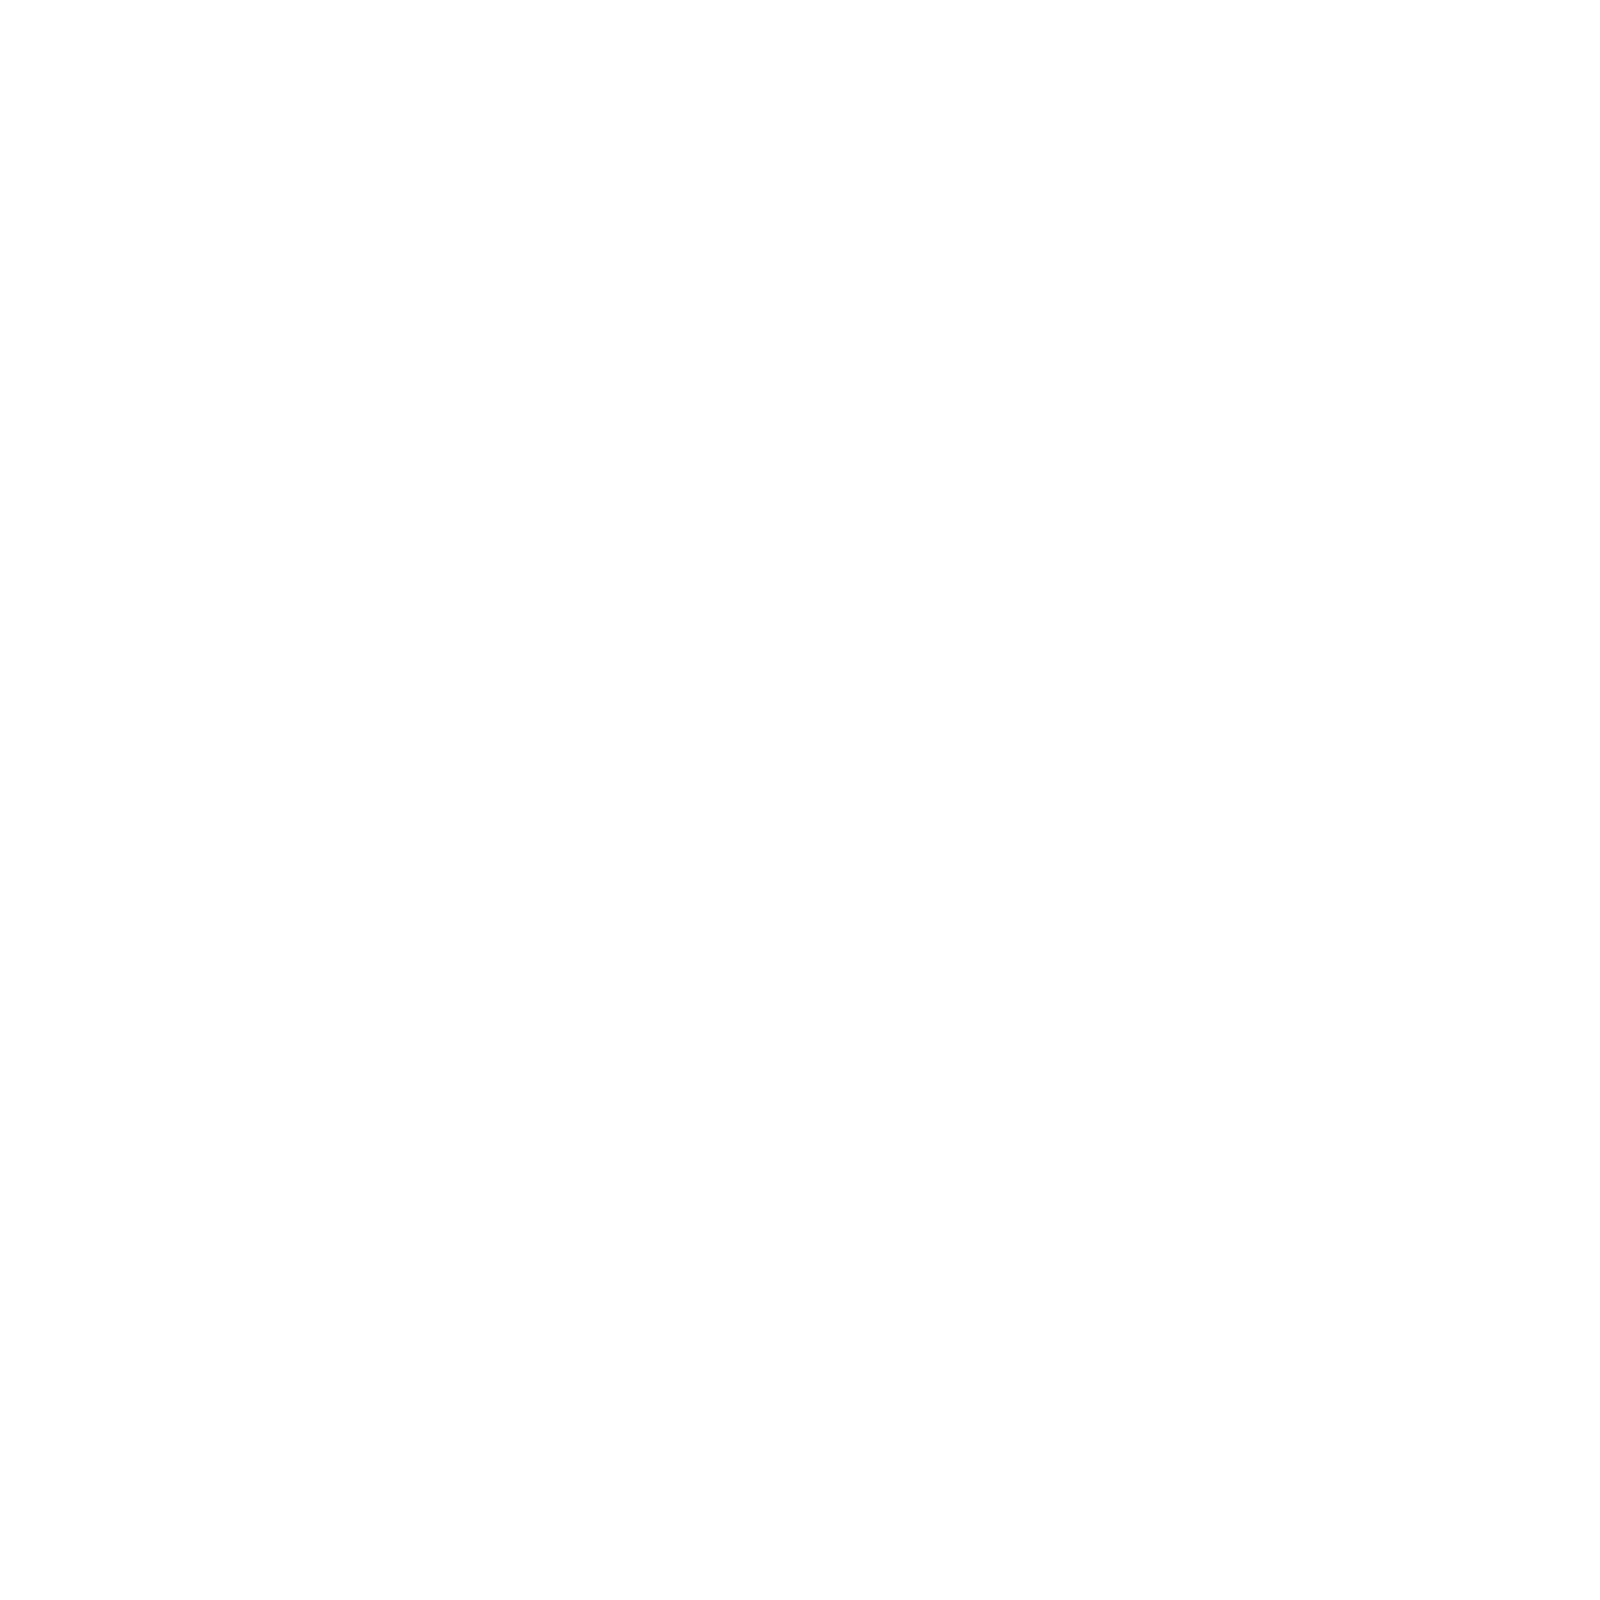 ESPA-project-logo